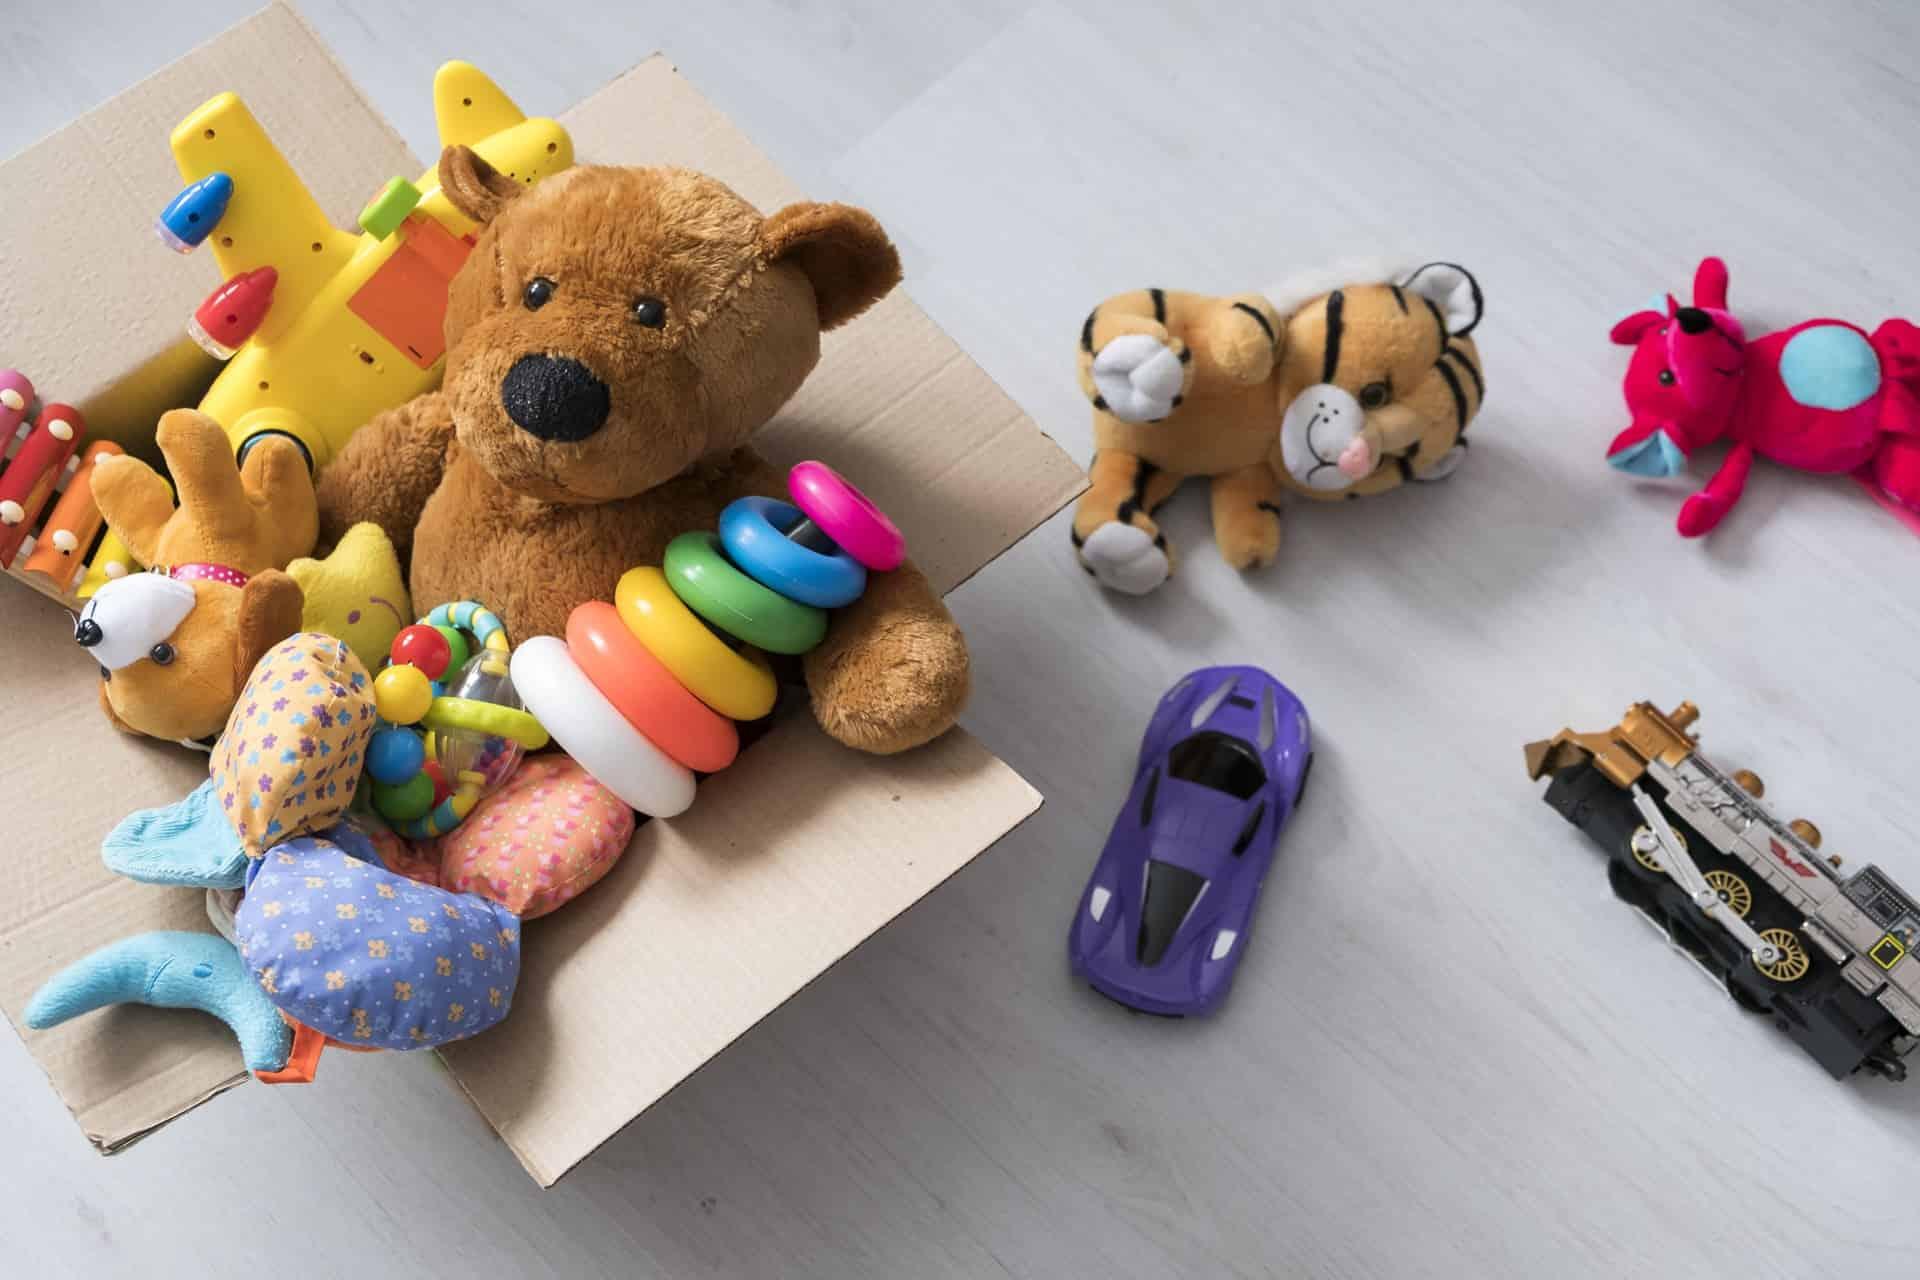 Wat doen met oud speelgoed? (Niet weggooien!)